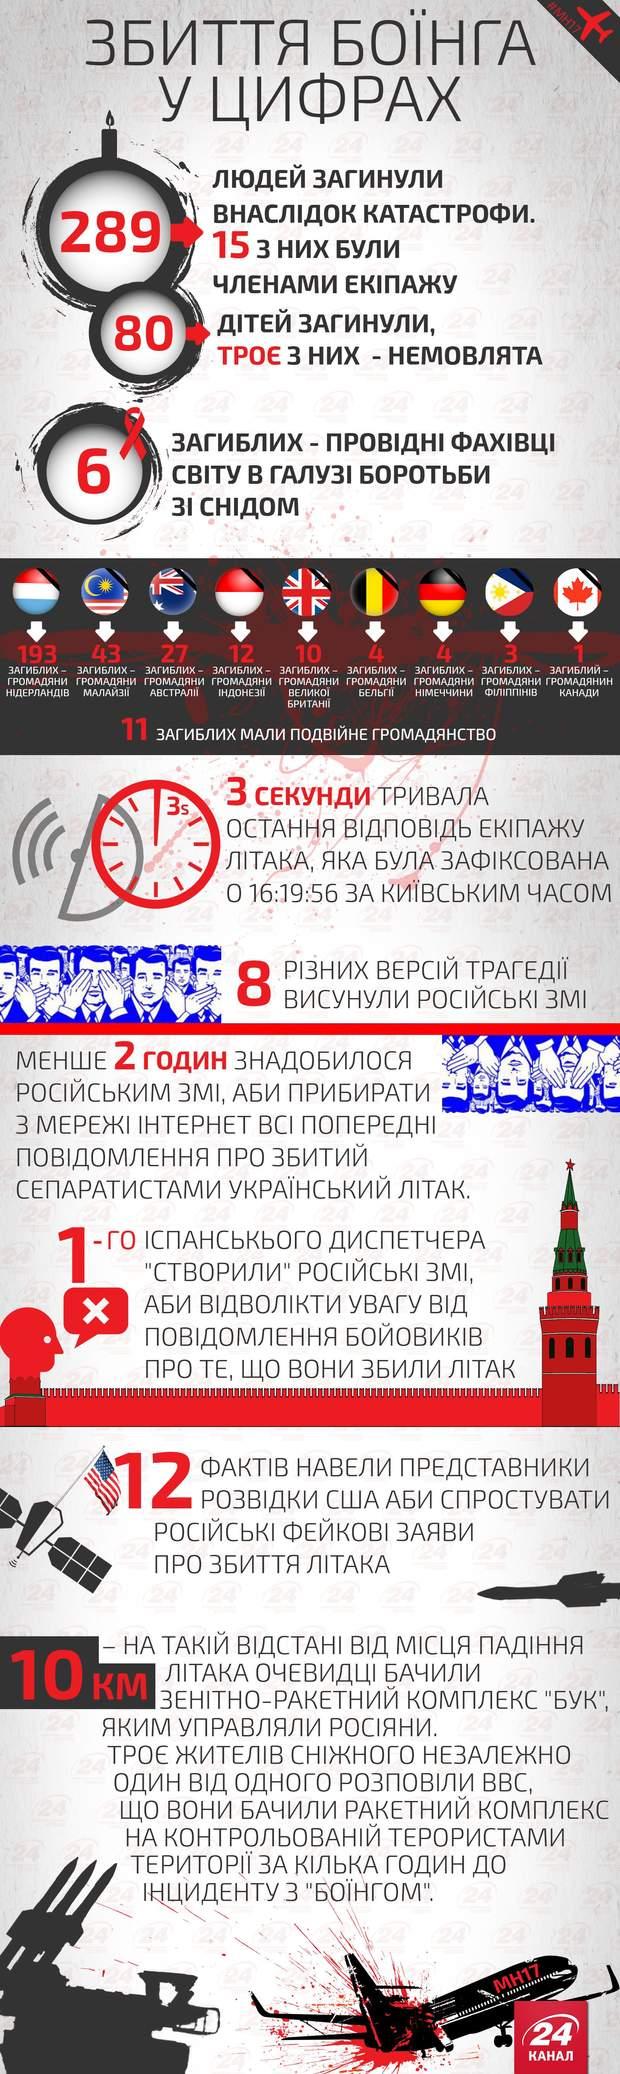 Росія, Боїнг, збиття, MH17, розлідування, Нідерданди, Малайзія